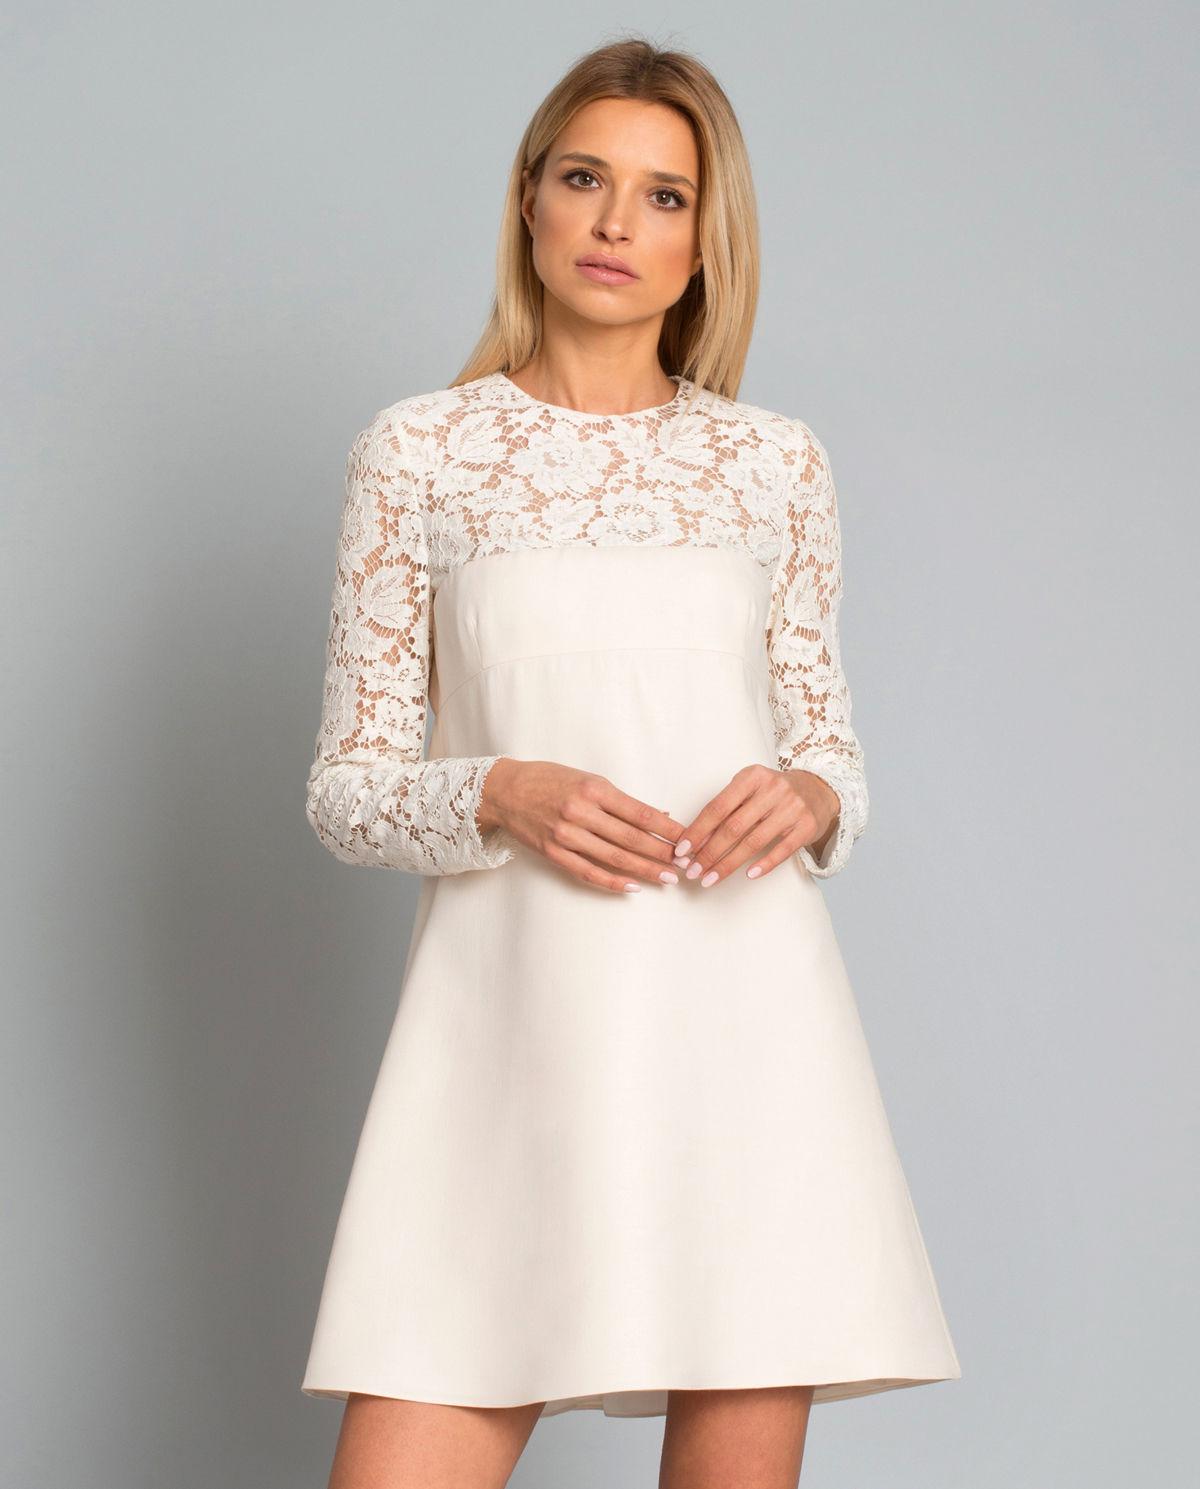 218d651b6d7ef1 Sukienka koronkowa z jedwabiem VALENTINO – Kup Teraz! Najlepsze ceny i  opinie! Sklep Moliera2.com